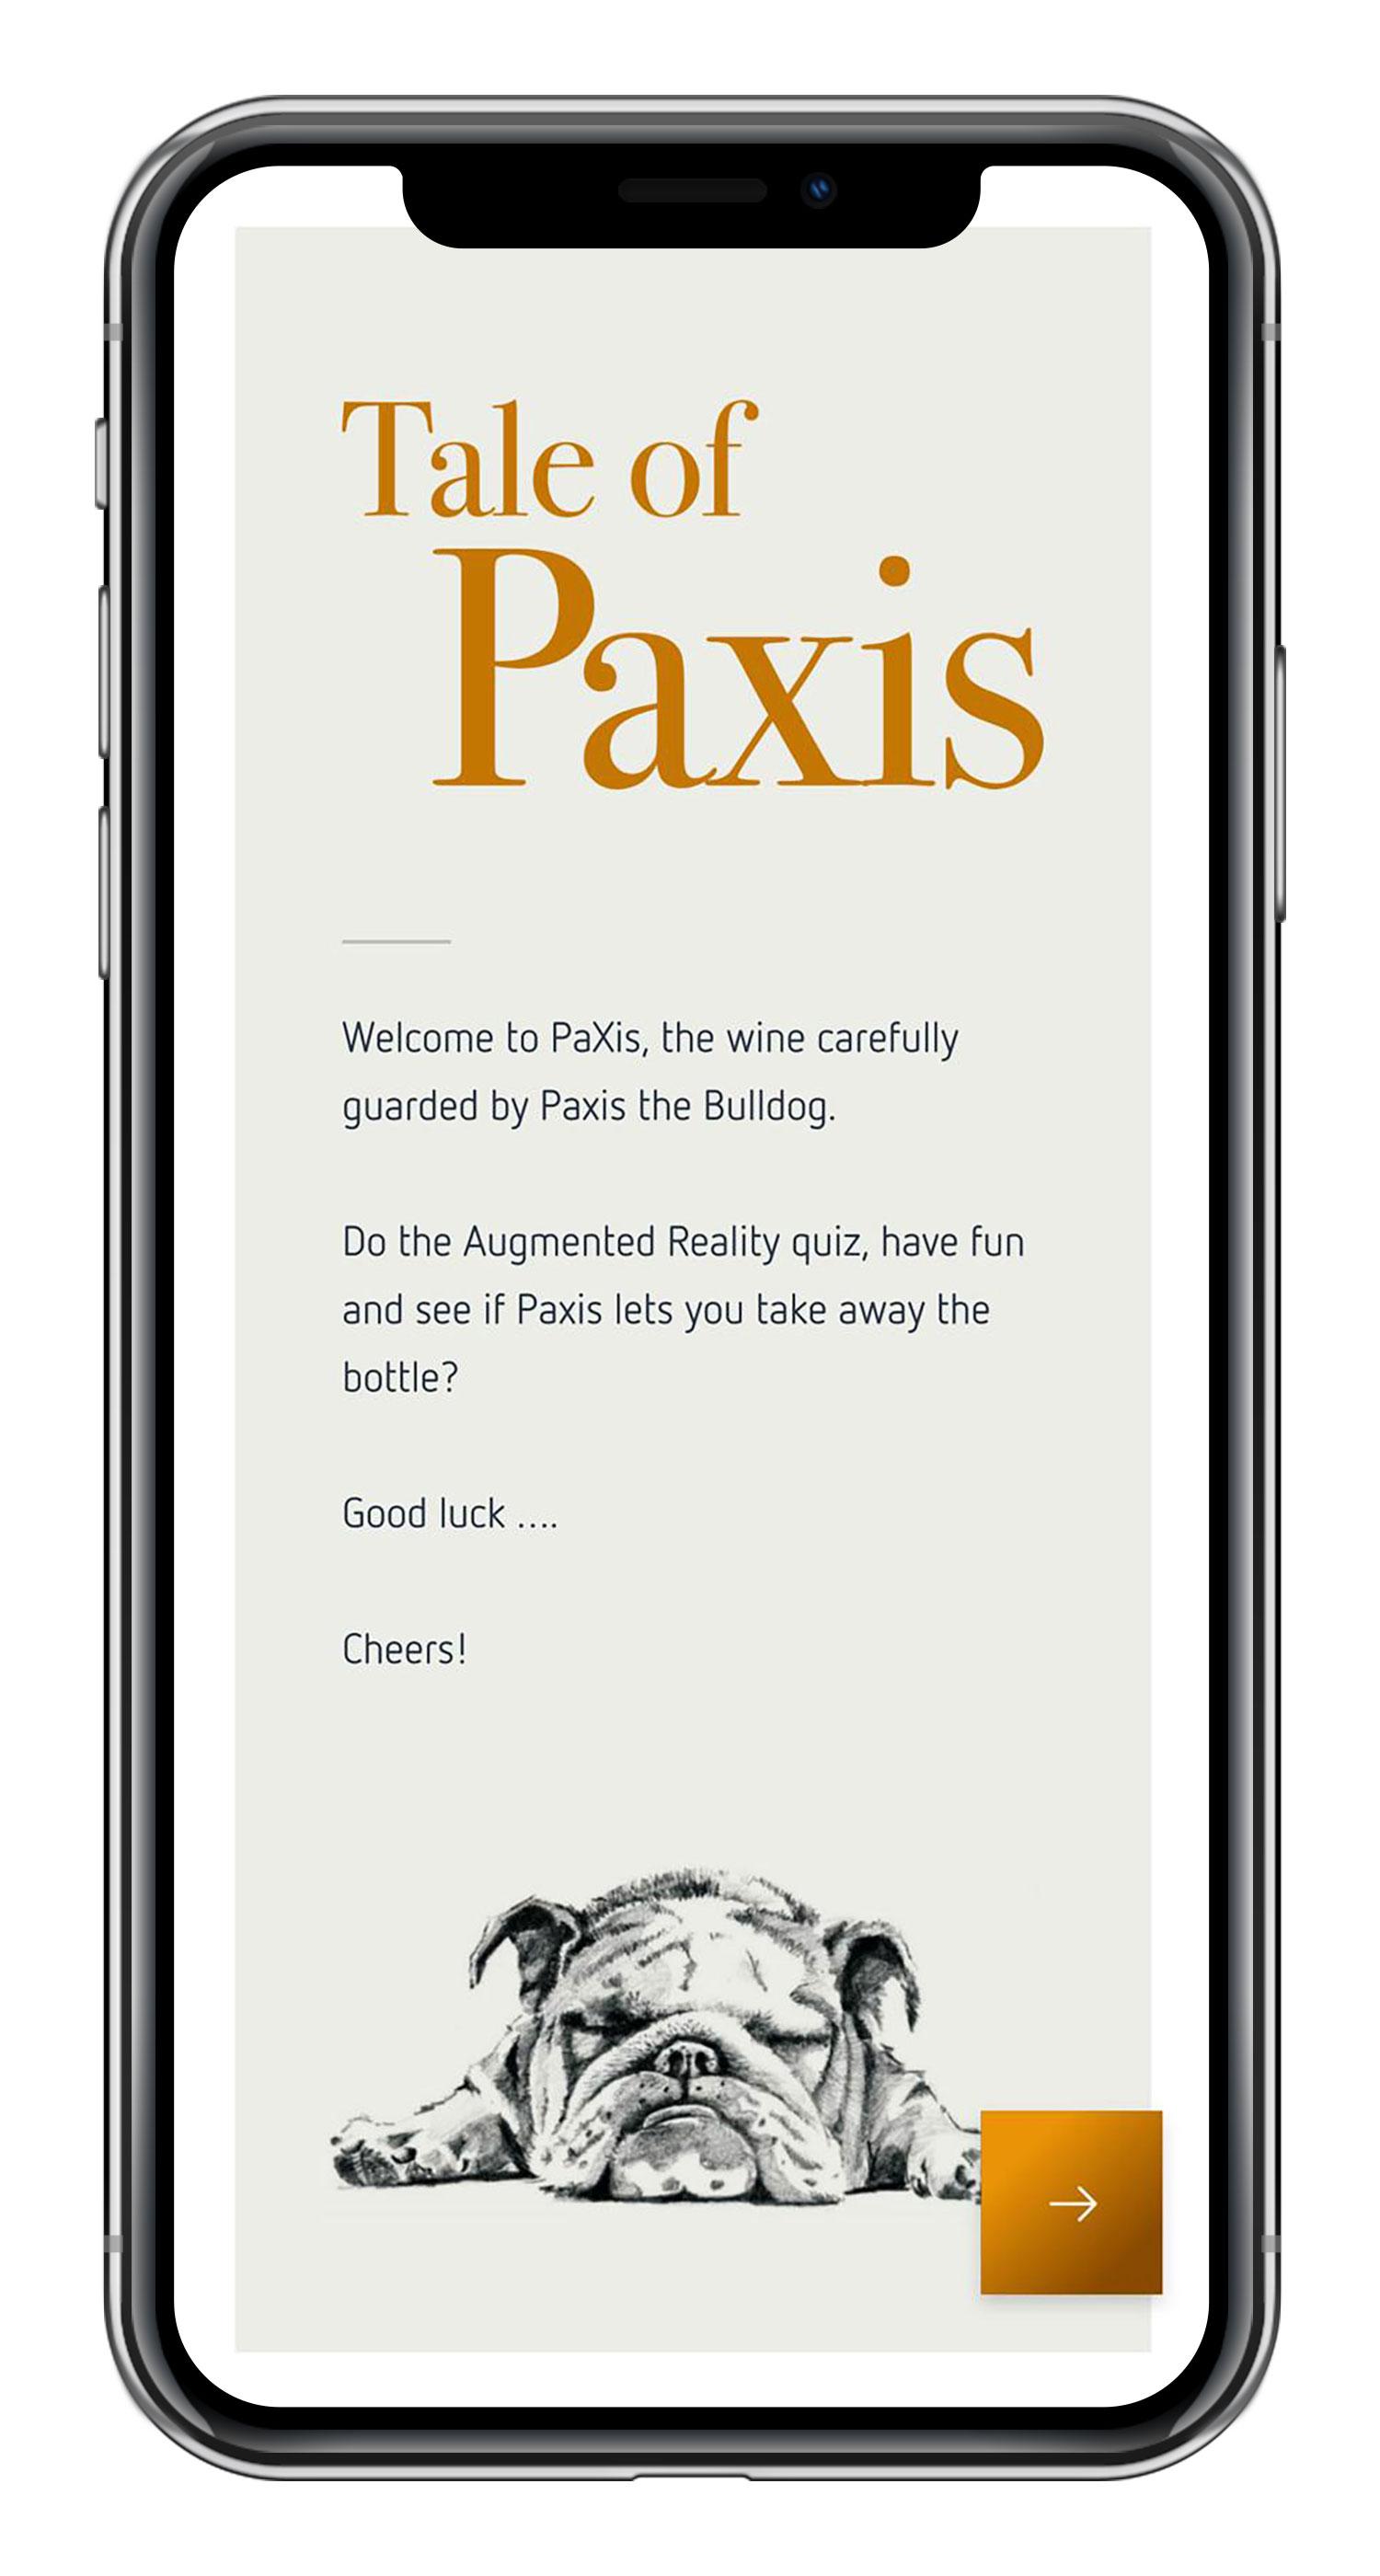 paxis_01.jpg